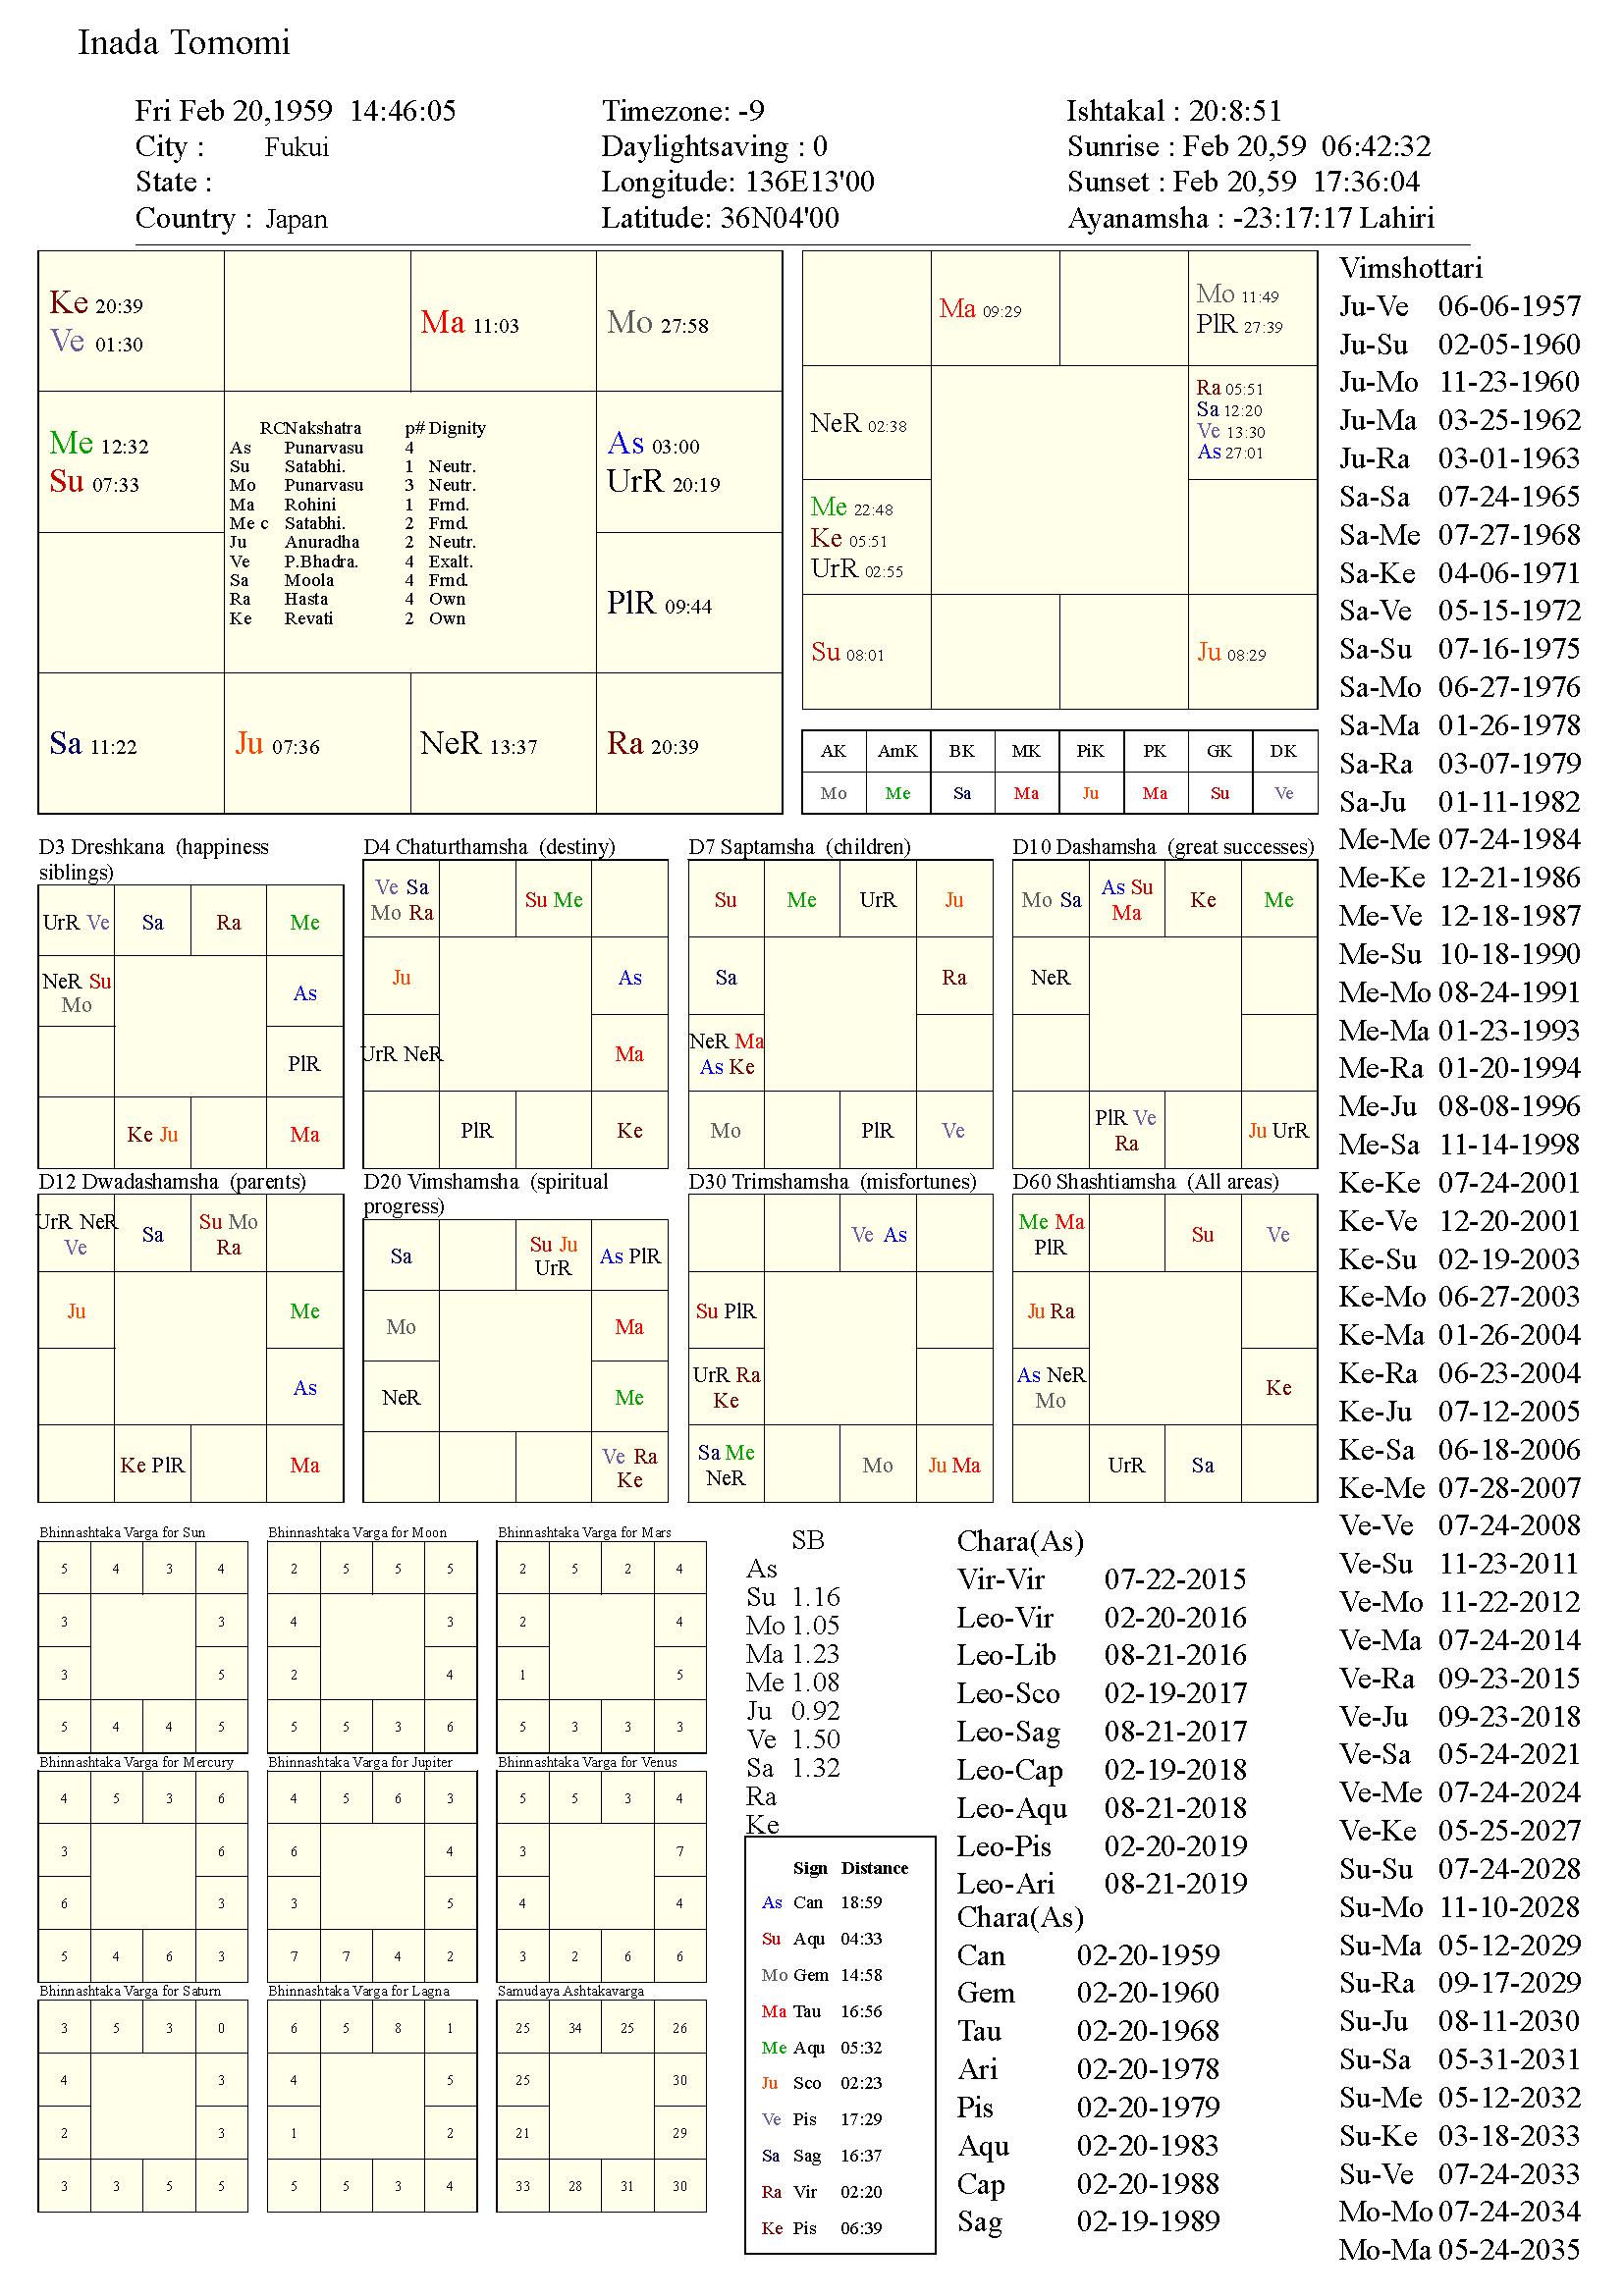 inadatomomi_chart